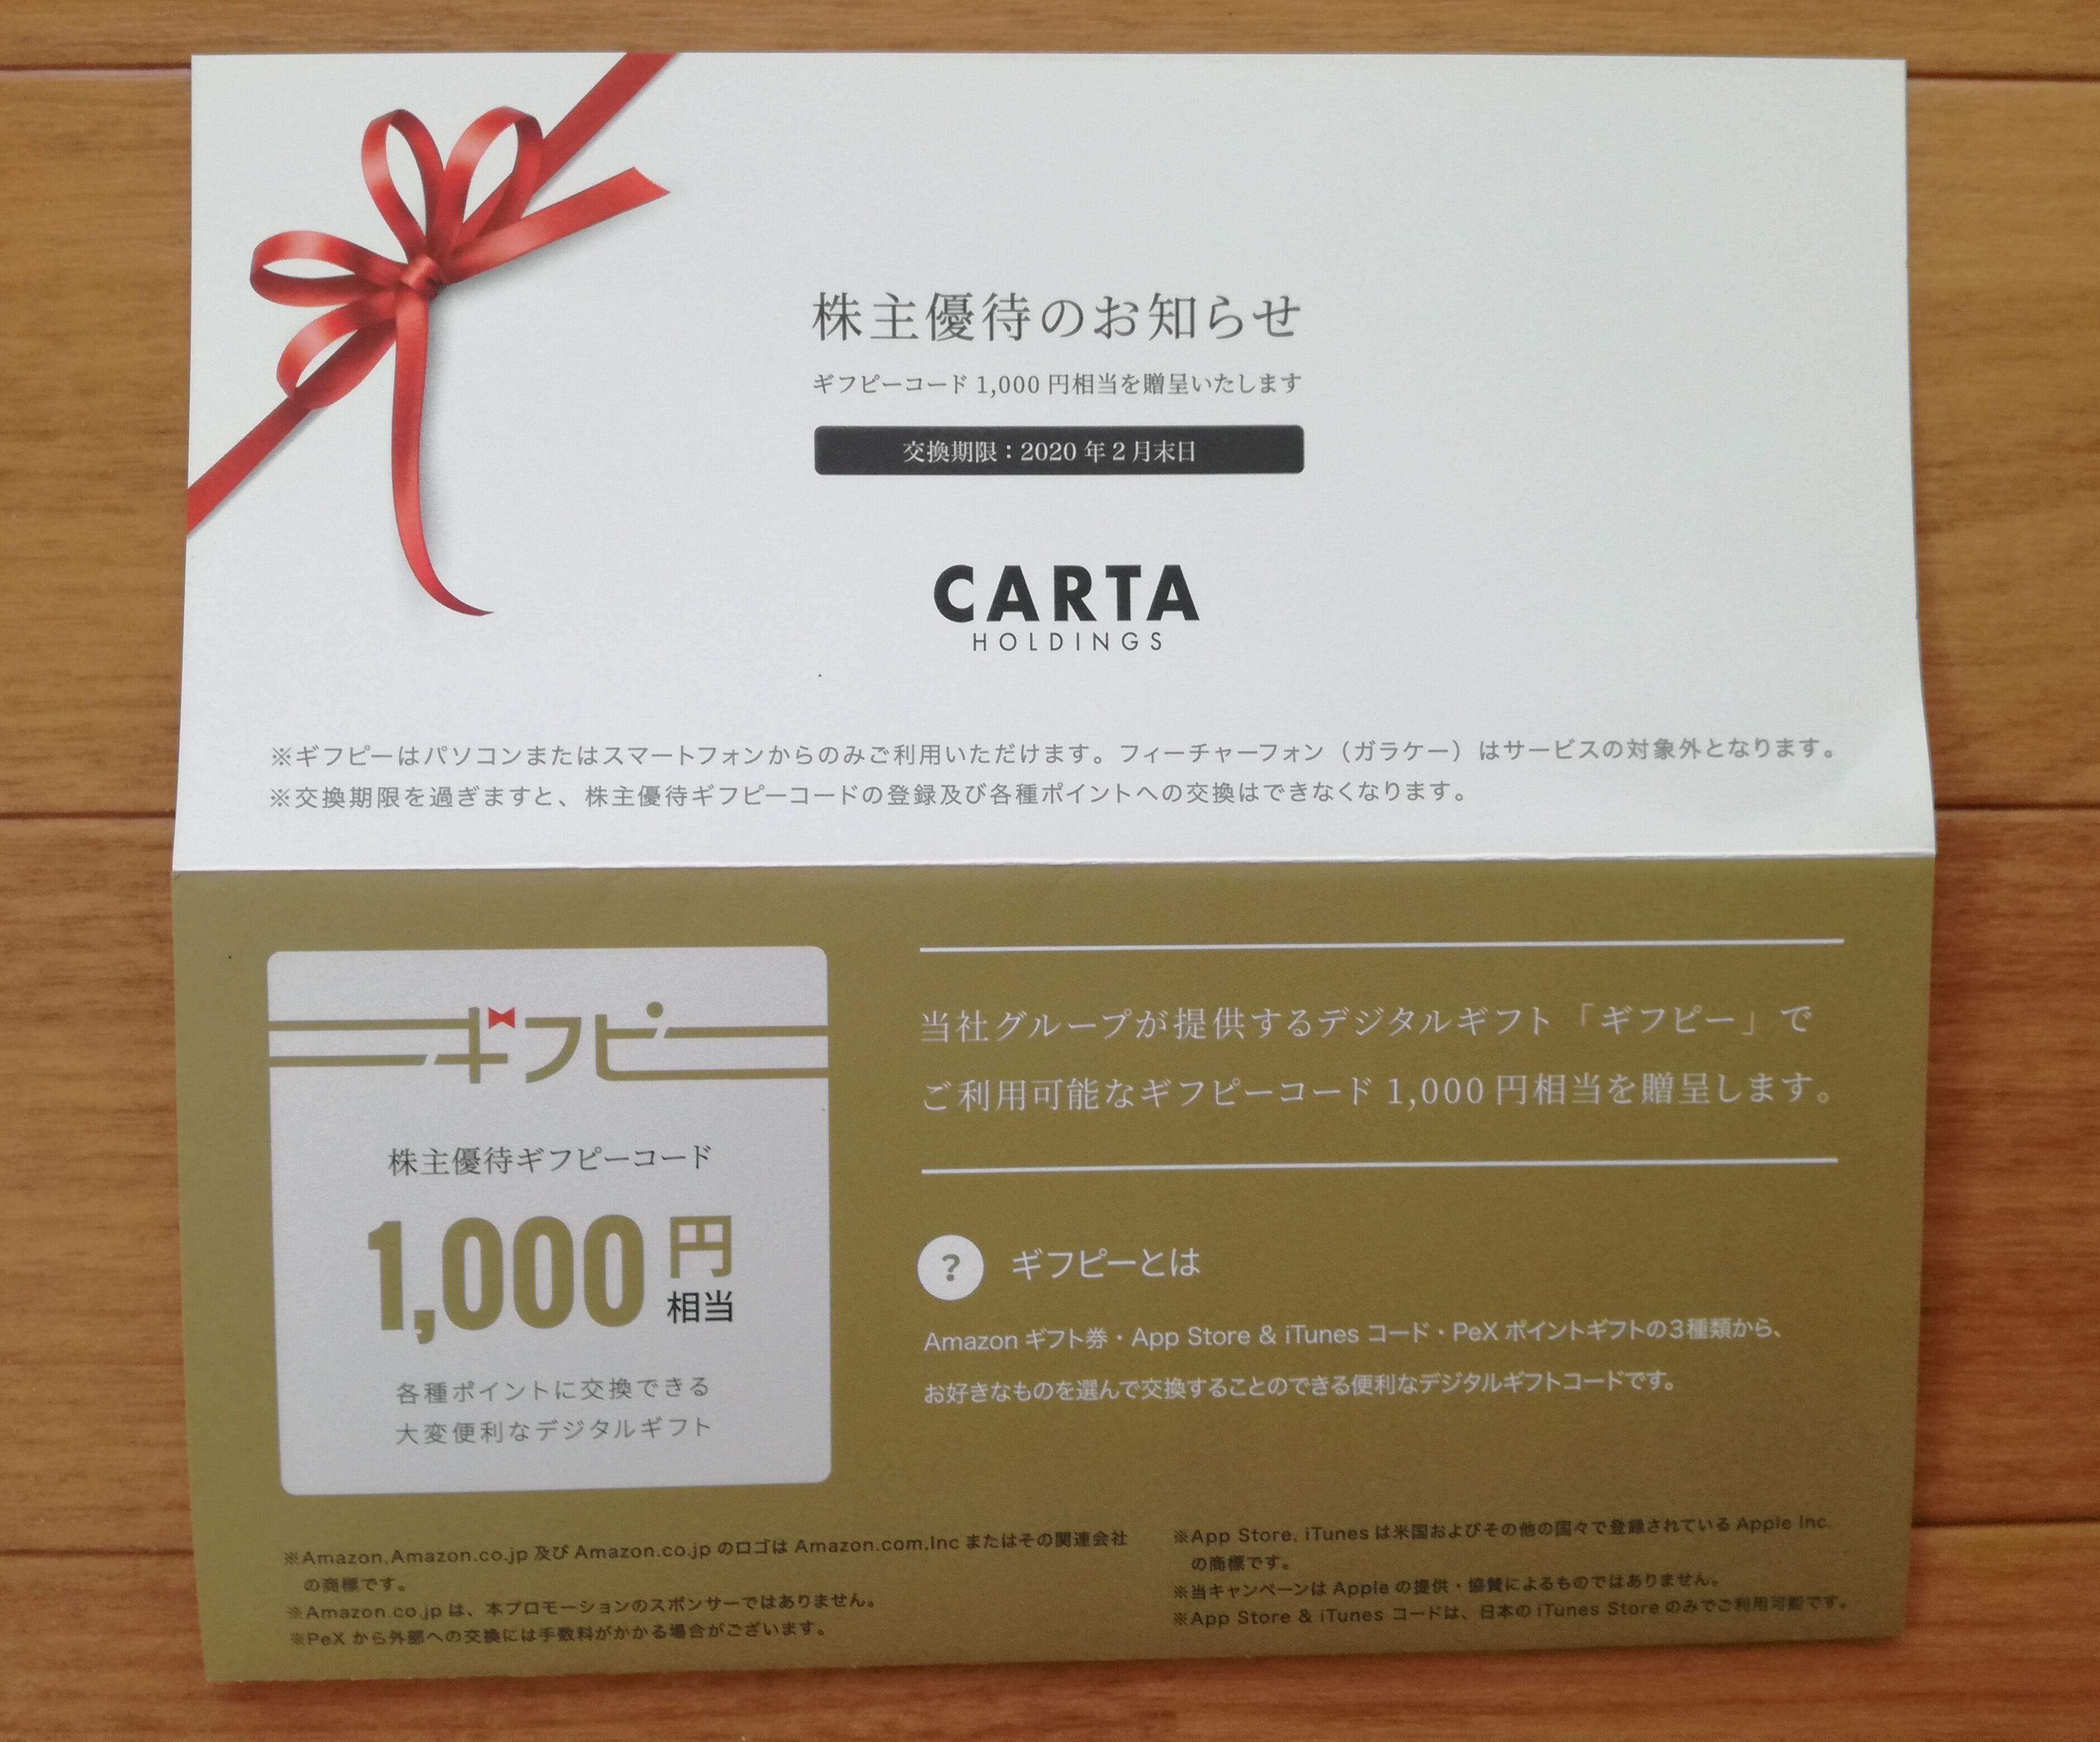 CARTA HOLDINGS(3688)の株主優待ギフピーコードが到着!Amazonギフト券と交換します!